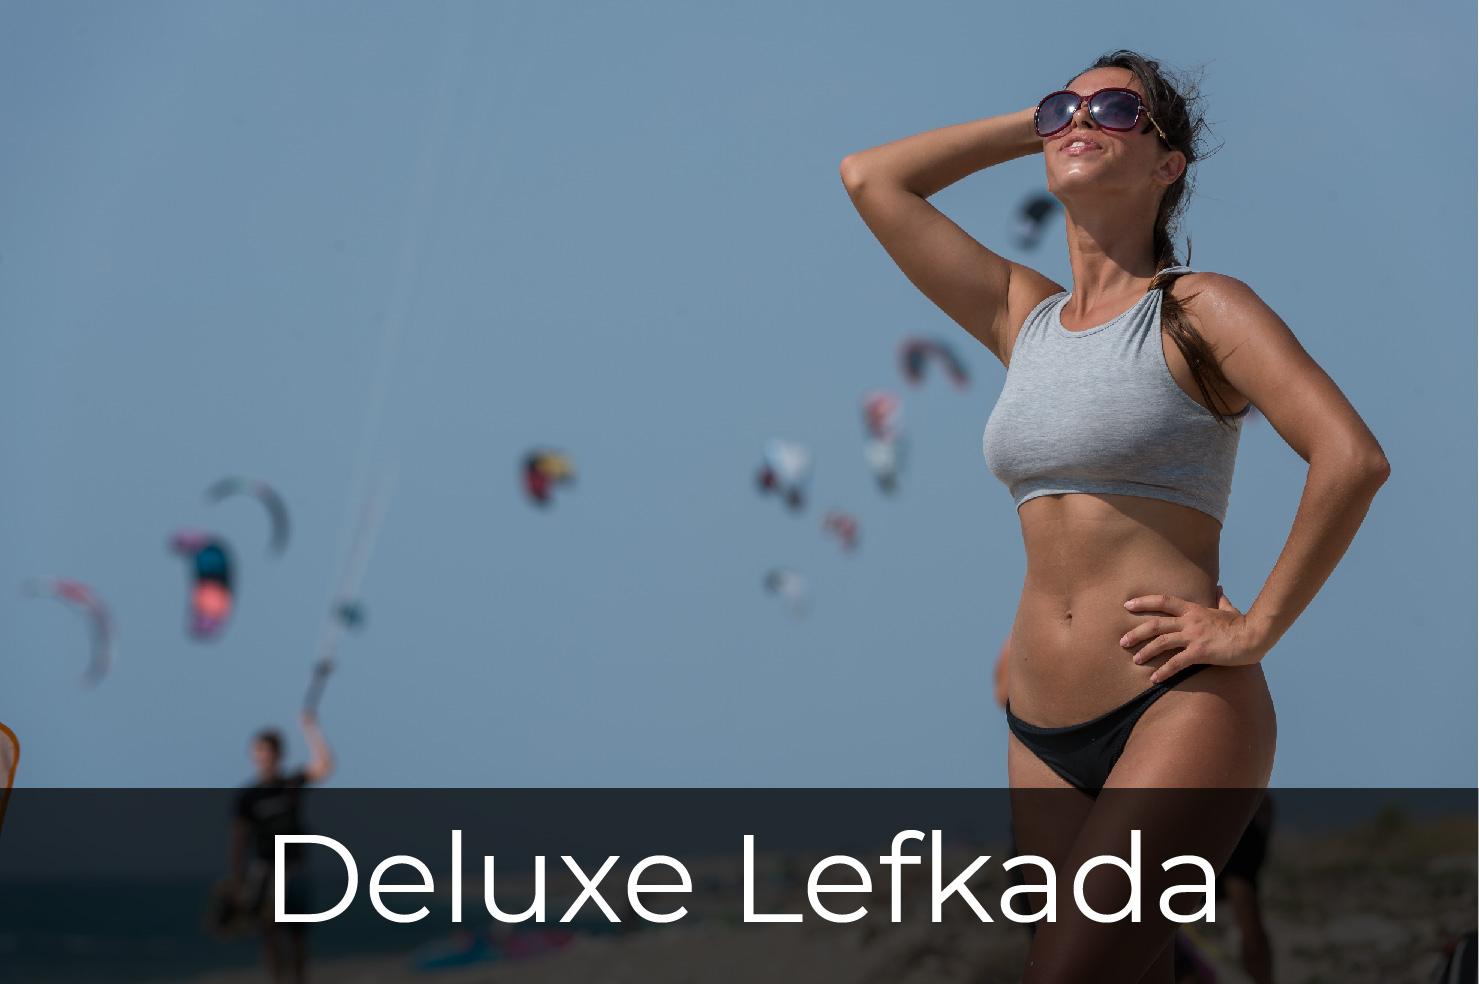 Deluxe Lefkada